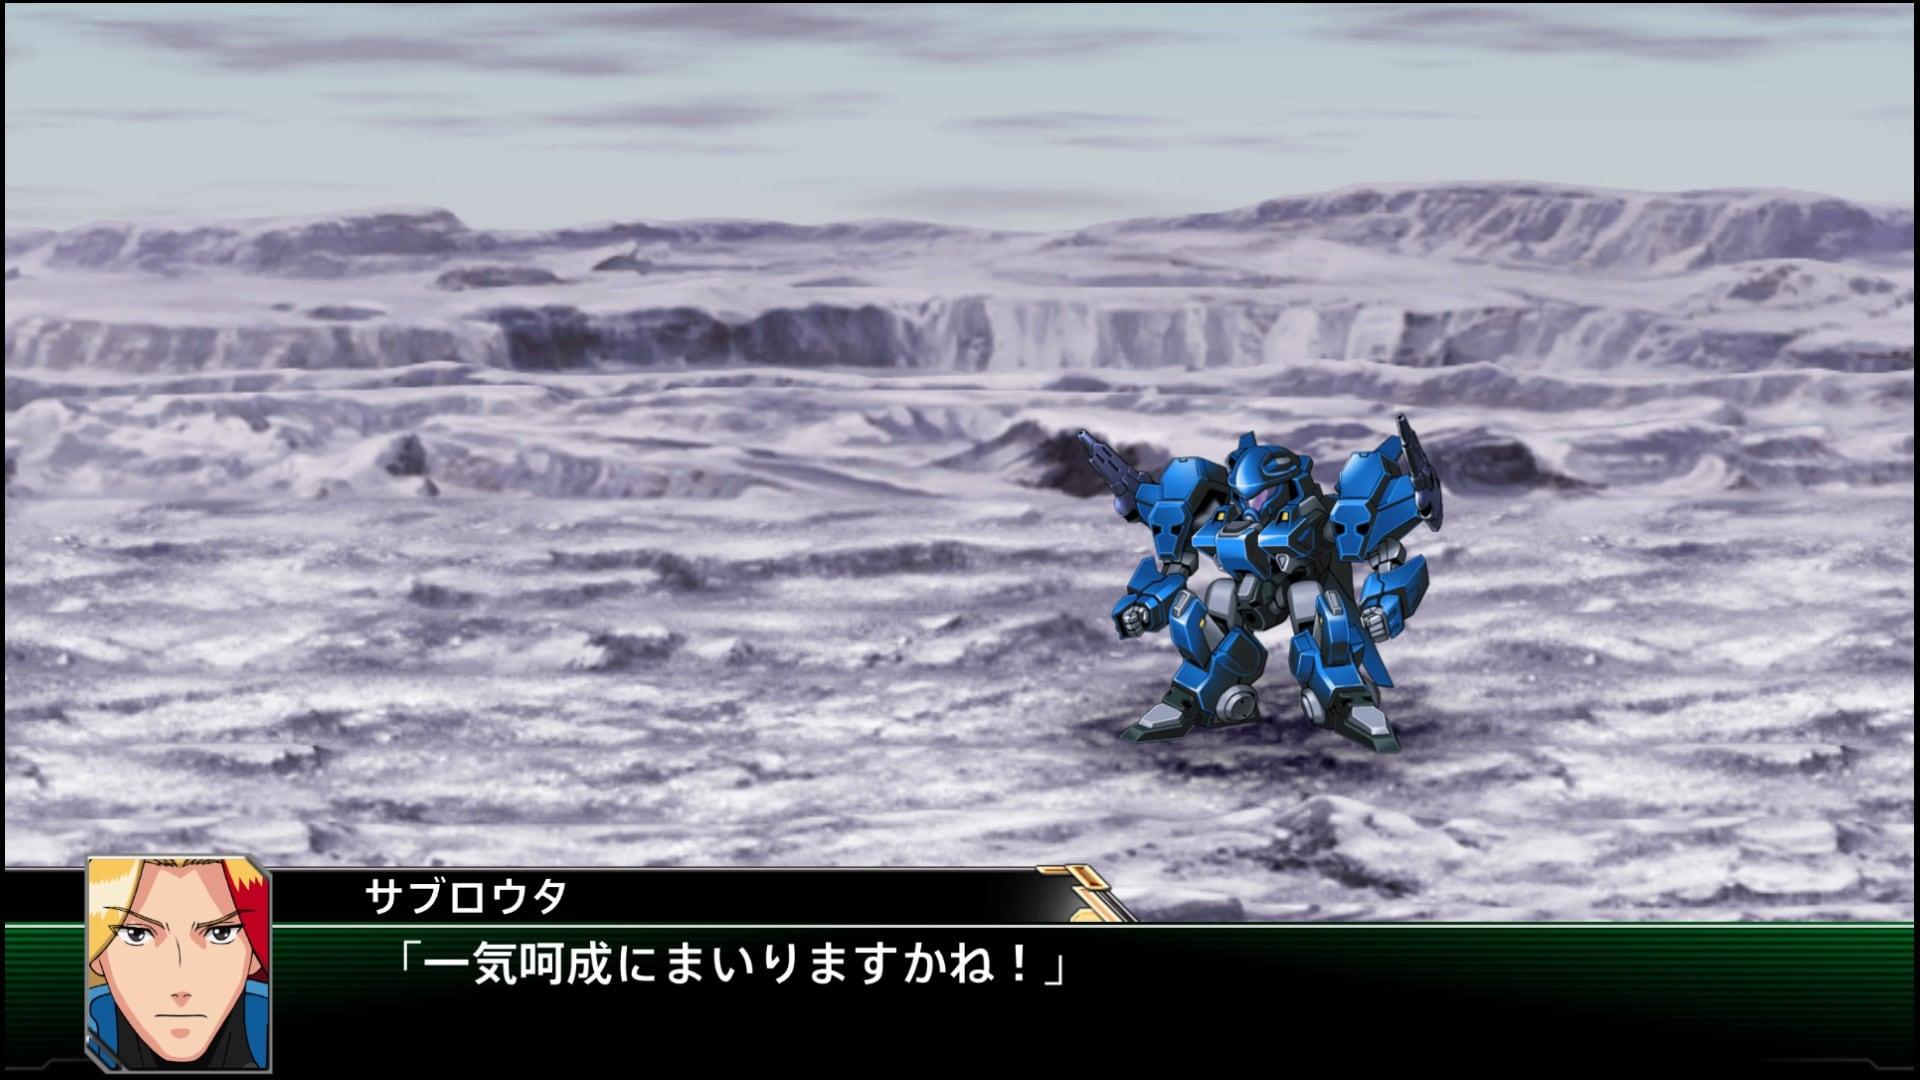 《超級機器人大戰 V》公布凱撒大帝等戰鬥畫面以及特殊技能學習情報《Super Robot Wars V》